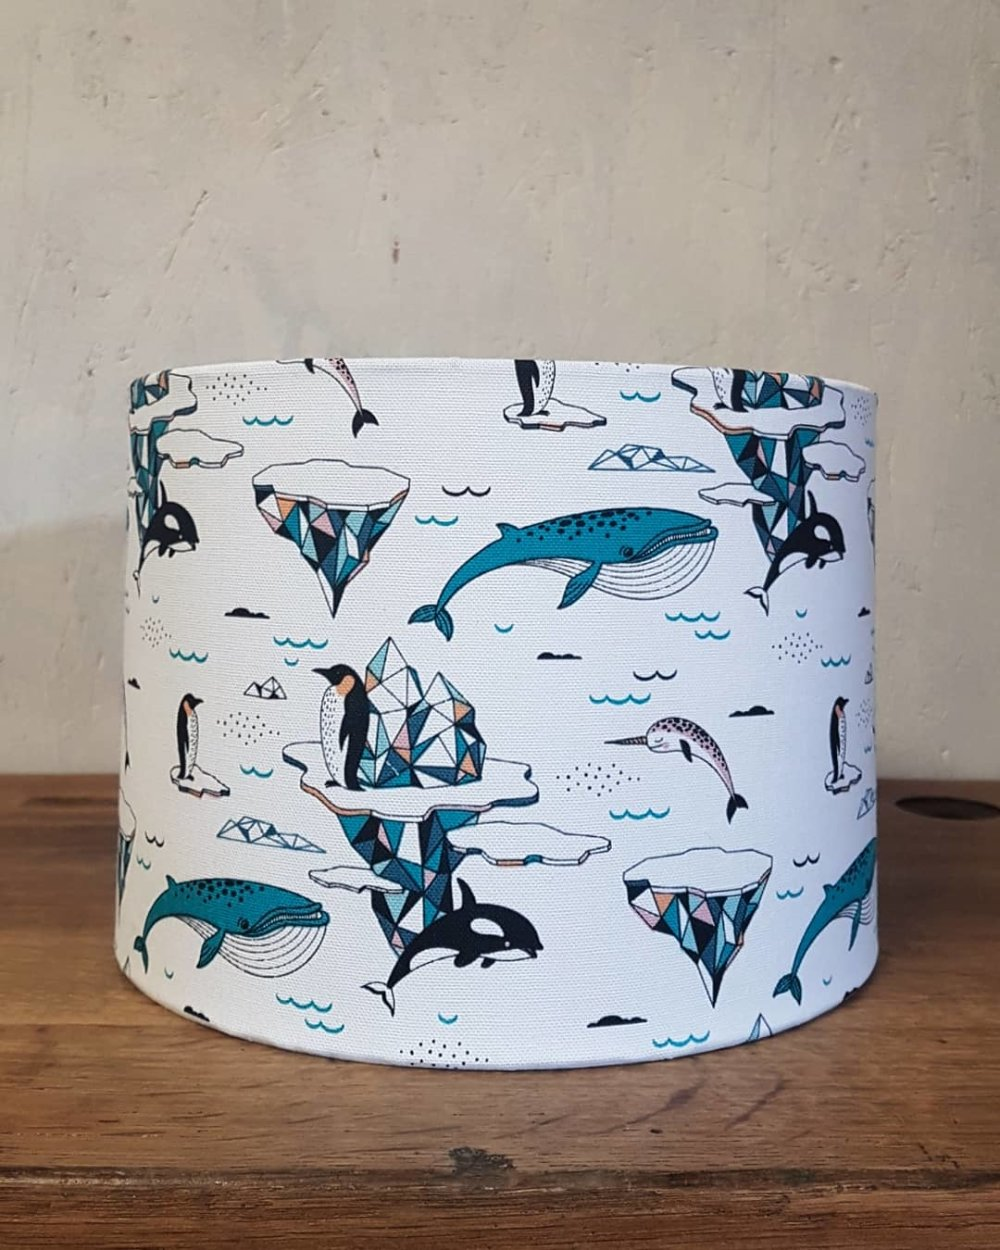 Abat-jour / suspension cylindrique diamètre 25cm tissu imprimé animaux polaires pour chambre d'enfant, bébé